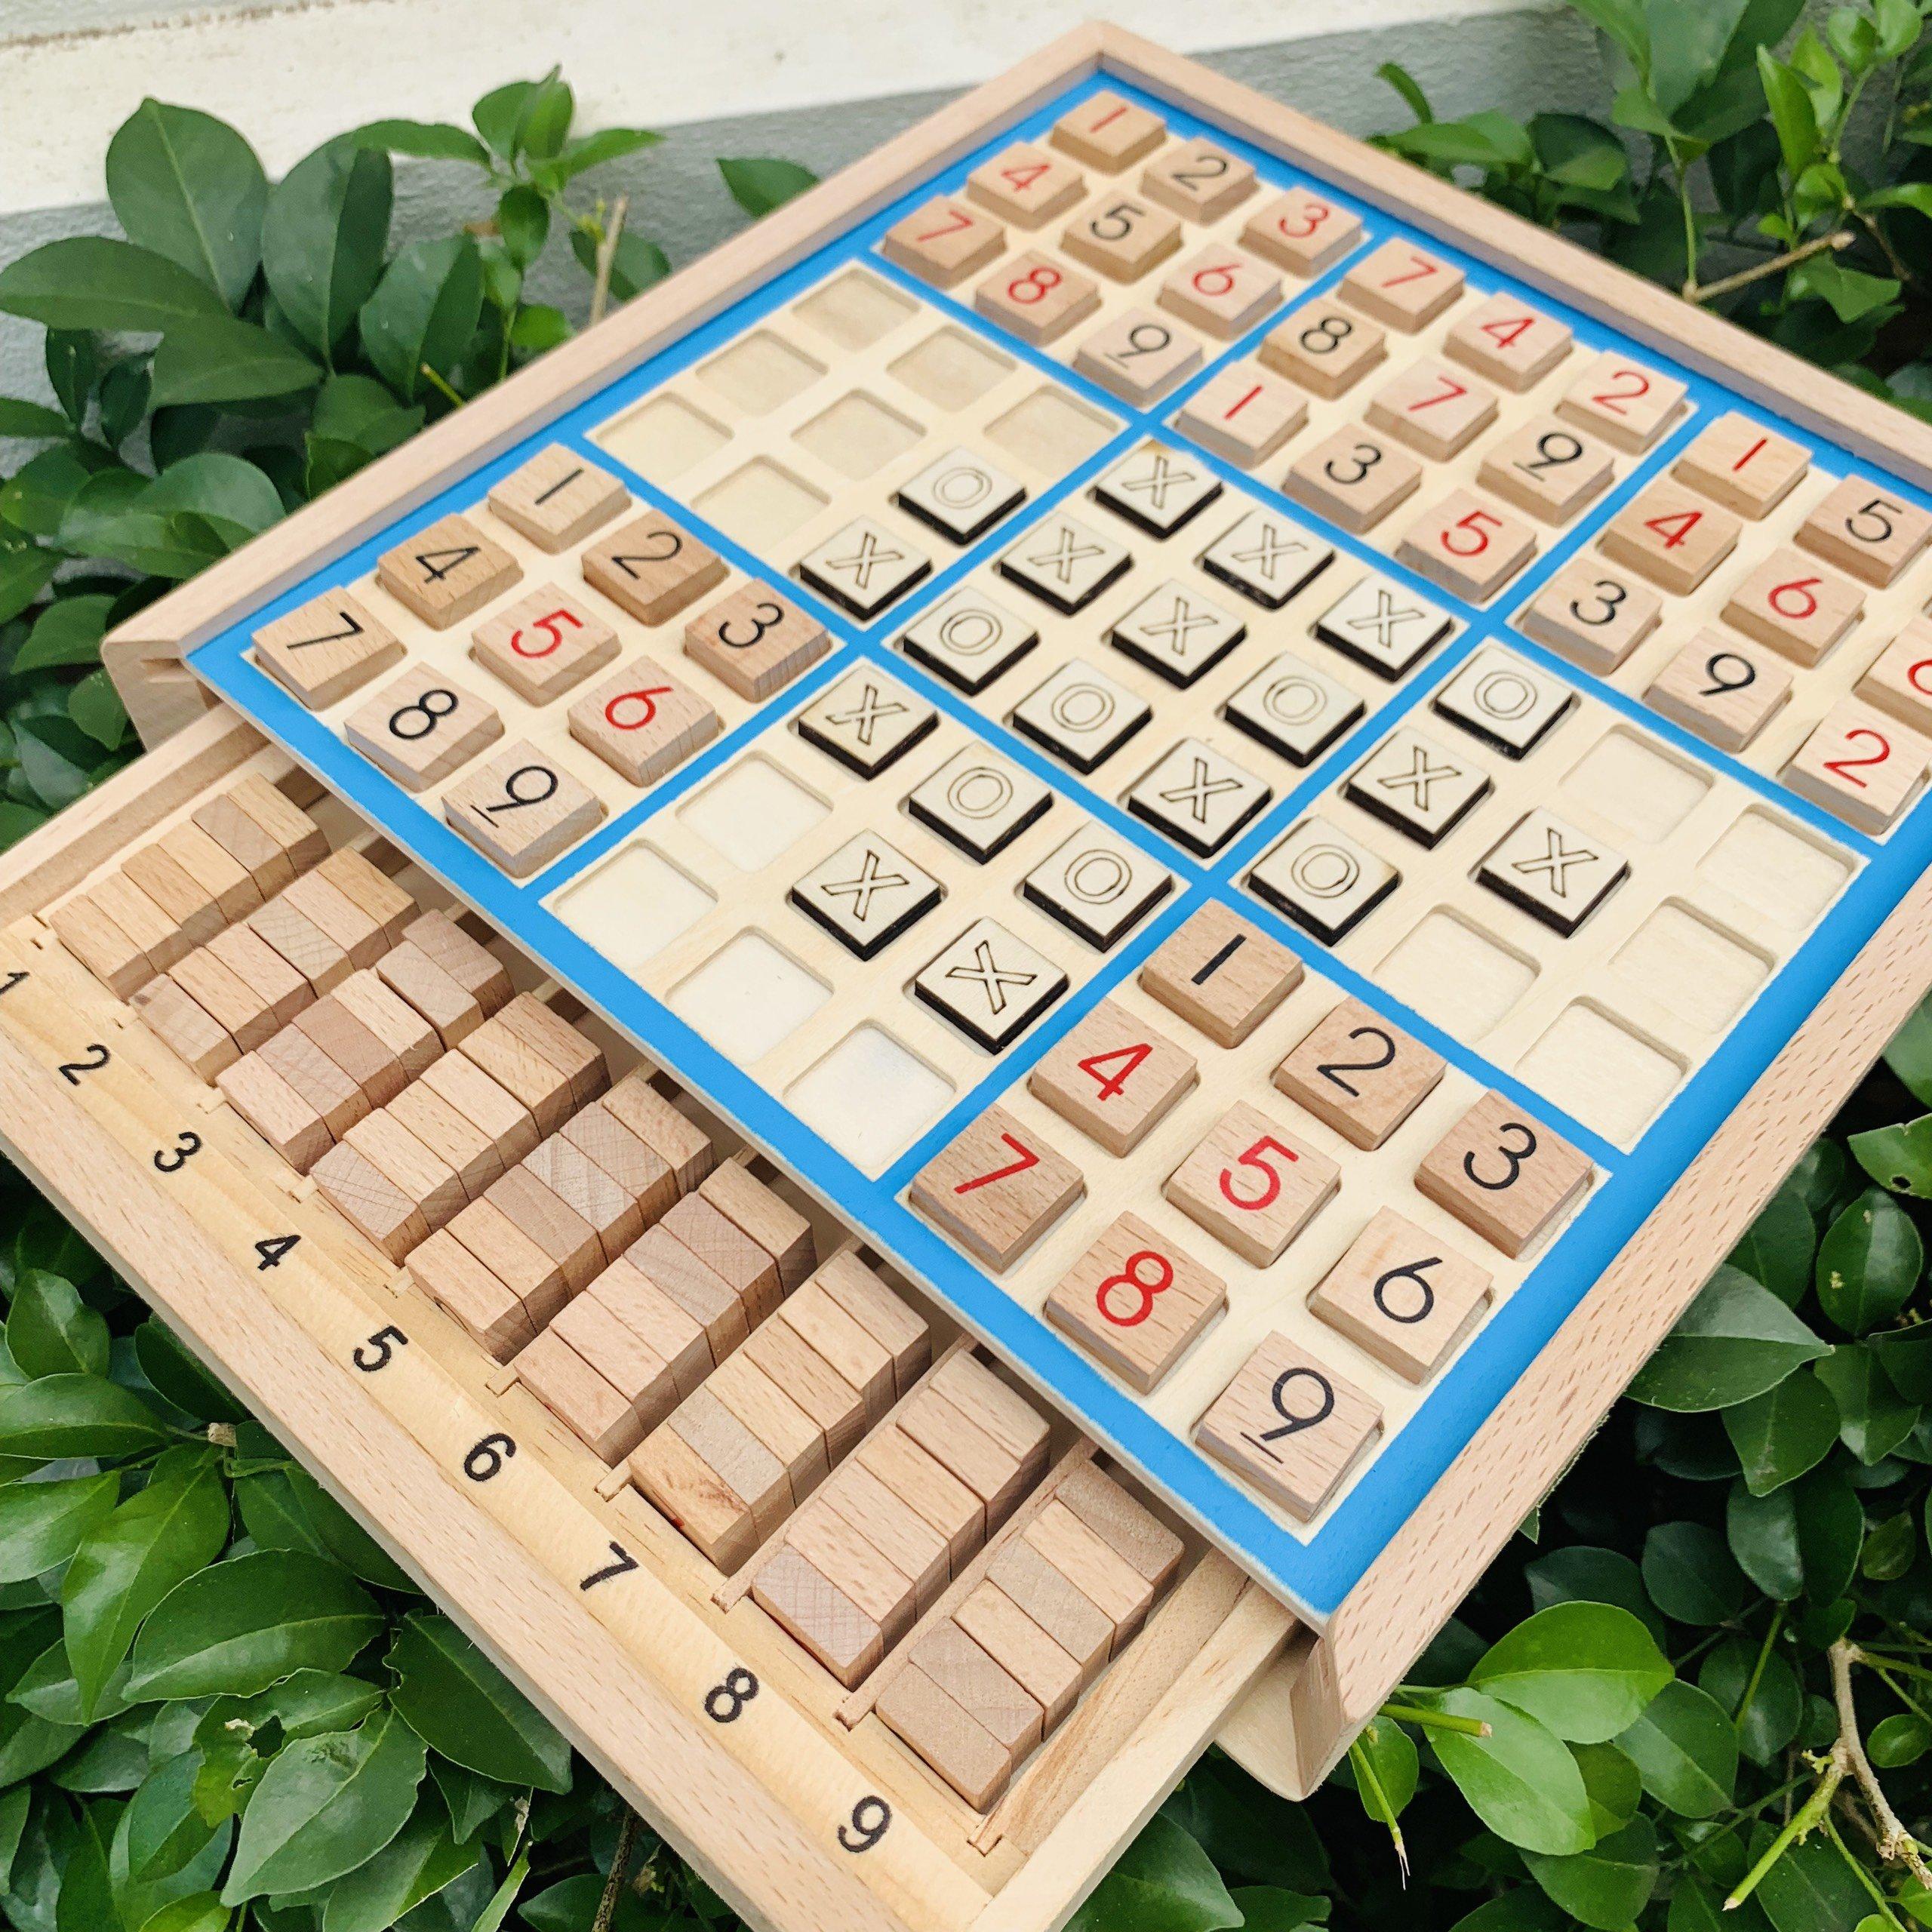 Bộ Đồ Chơi Gỗ  Sudoku Kết Hợp Cờ Caro 2 Trong 1 Hot Nhất Năm 2021 Rèn Luyện Tư Duy Trí Tuệ- Đồ Chơi Gỗ Thông Minh